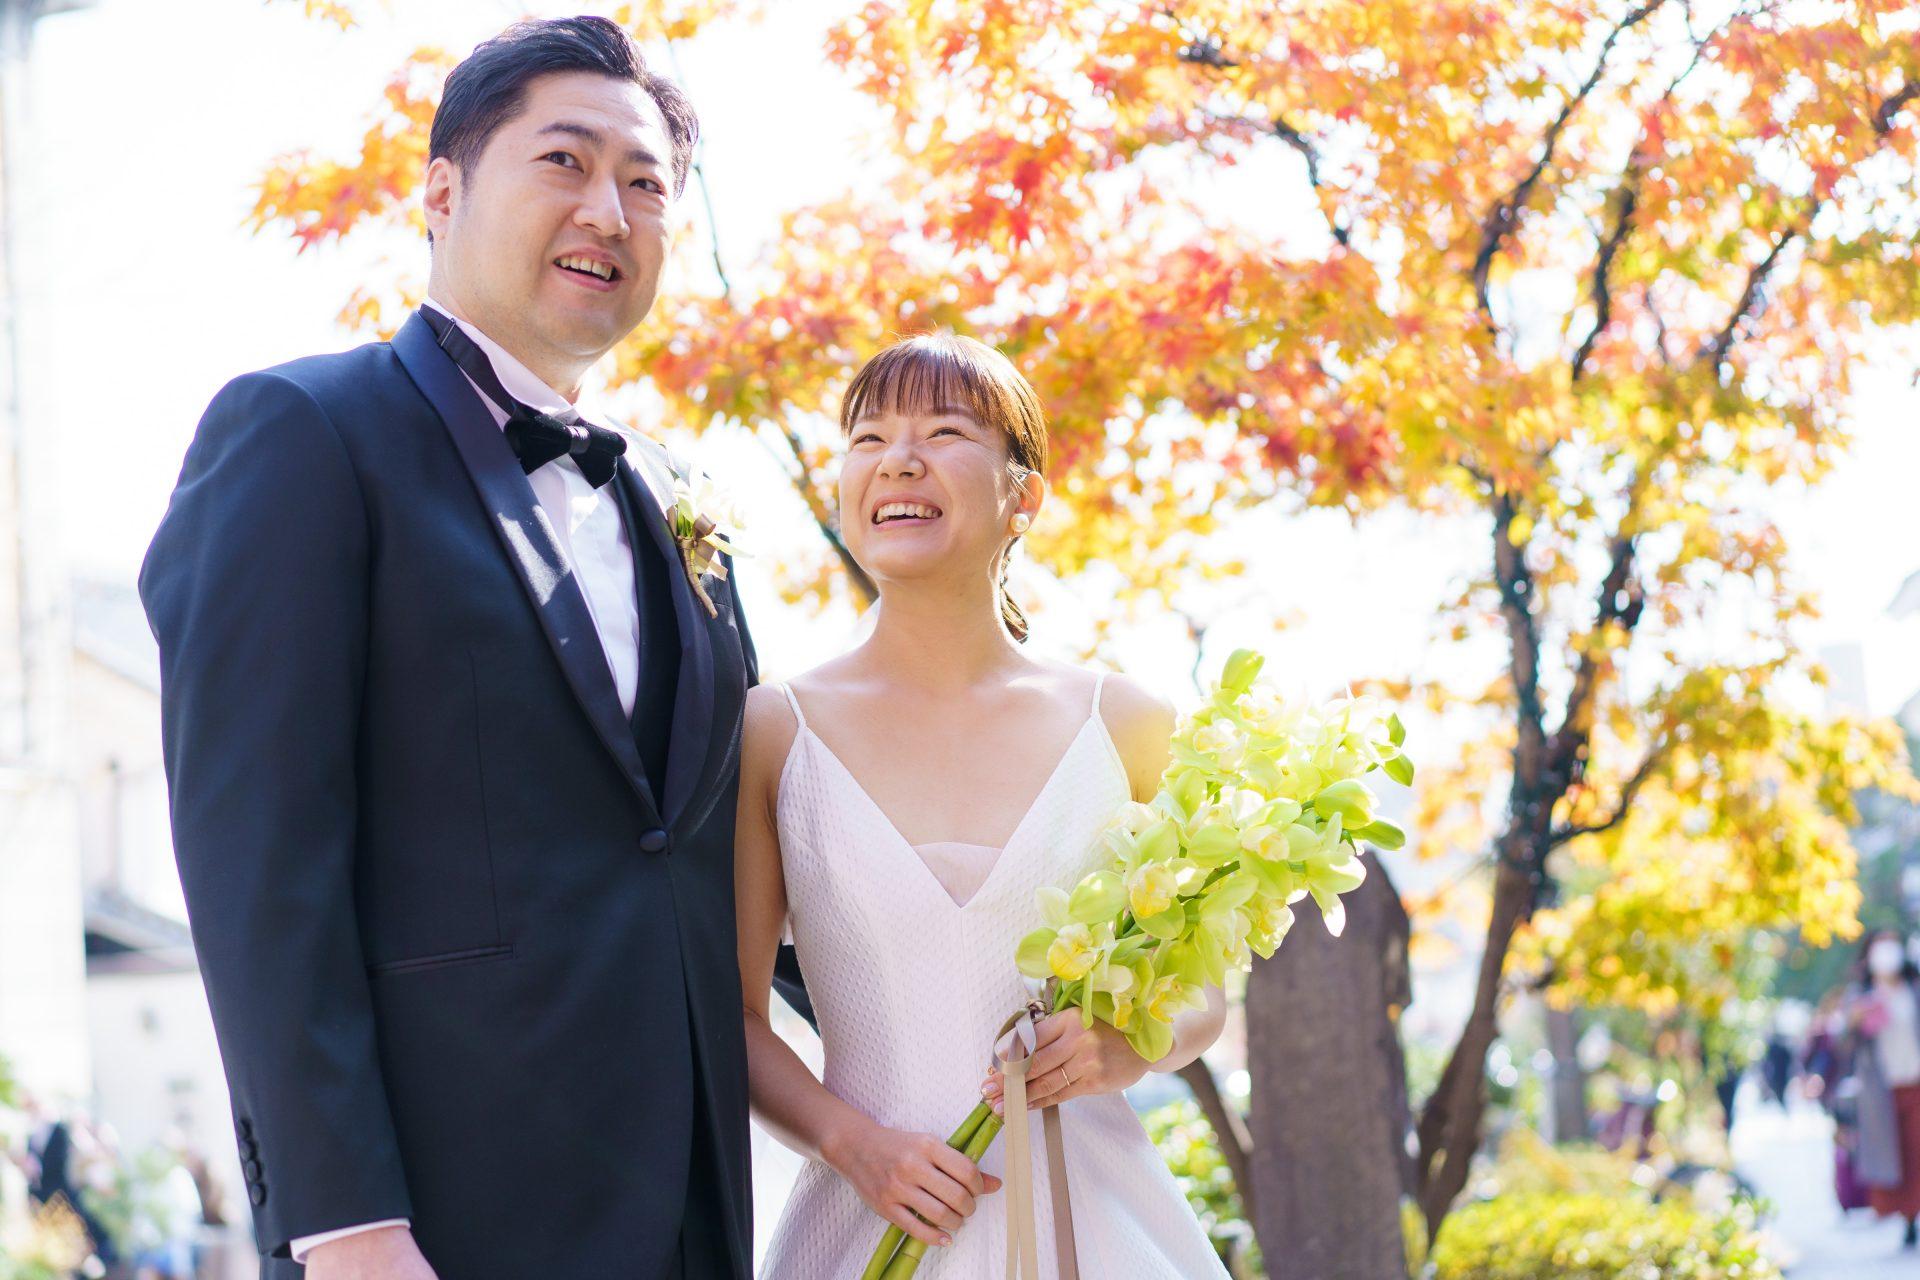 美しい紅葉の中でTHE TREAT DRESSINGのブラックフォーマルのタキシードとAラインのウェディングドレスを身に纏うご新郎様ご新婦様